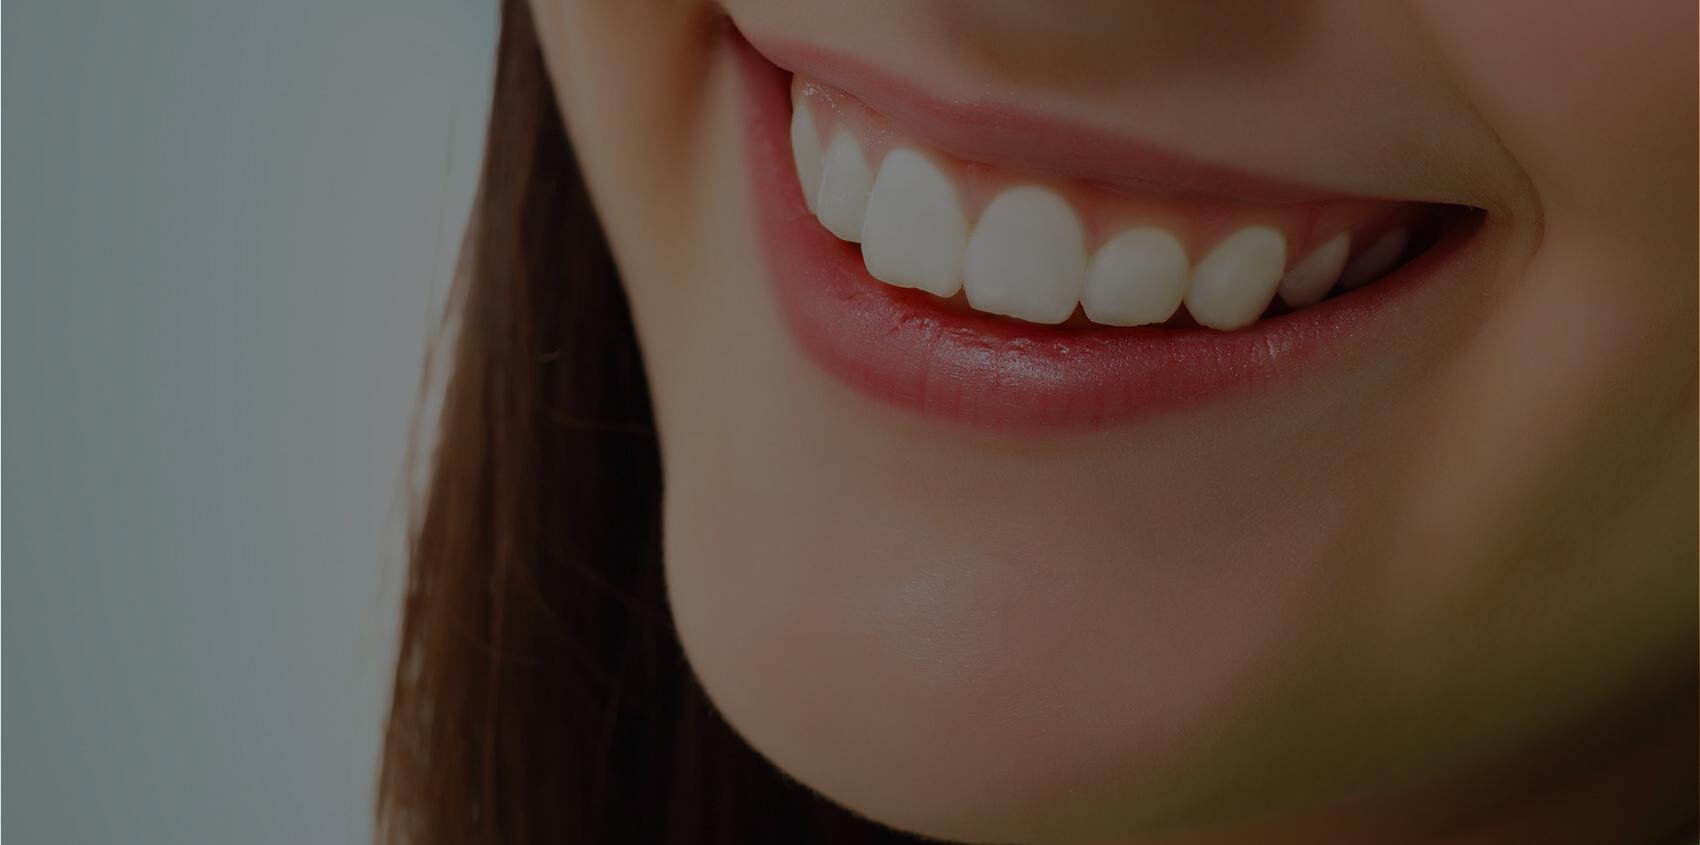 Preventive Dental Care in Salt Lake City UT: Luxury or Need?